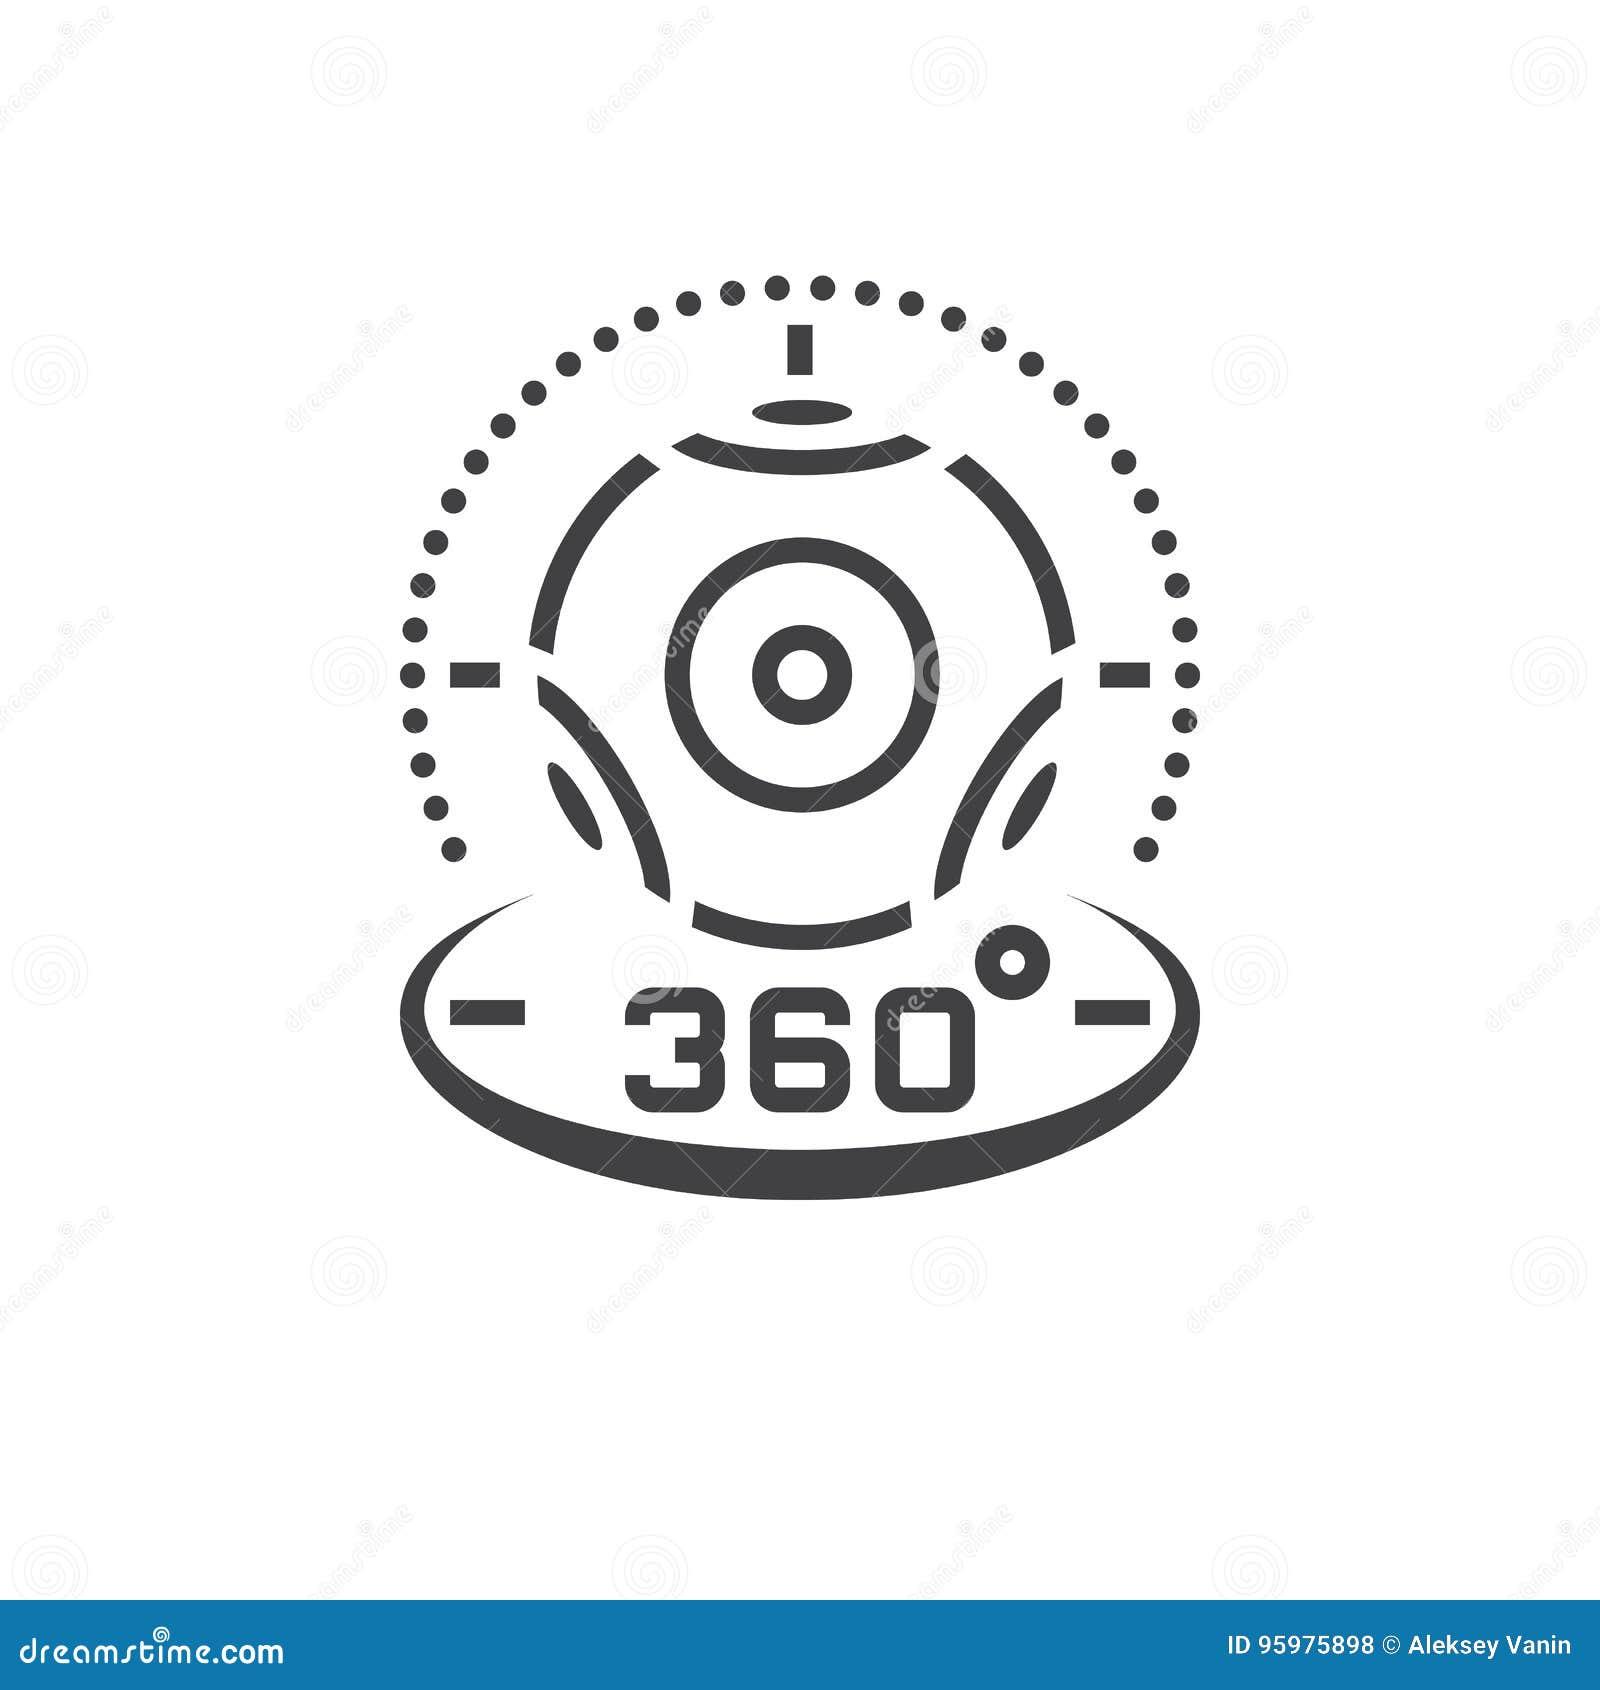 Linea panoramica icona, sviluppatore della videocamera da 360 gradi di realtà virtuale